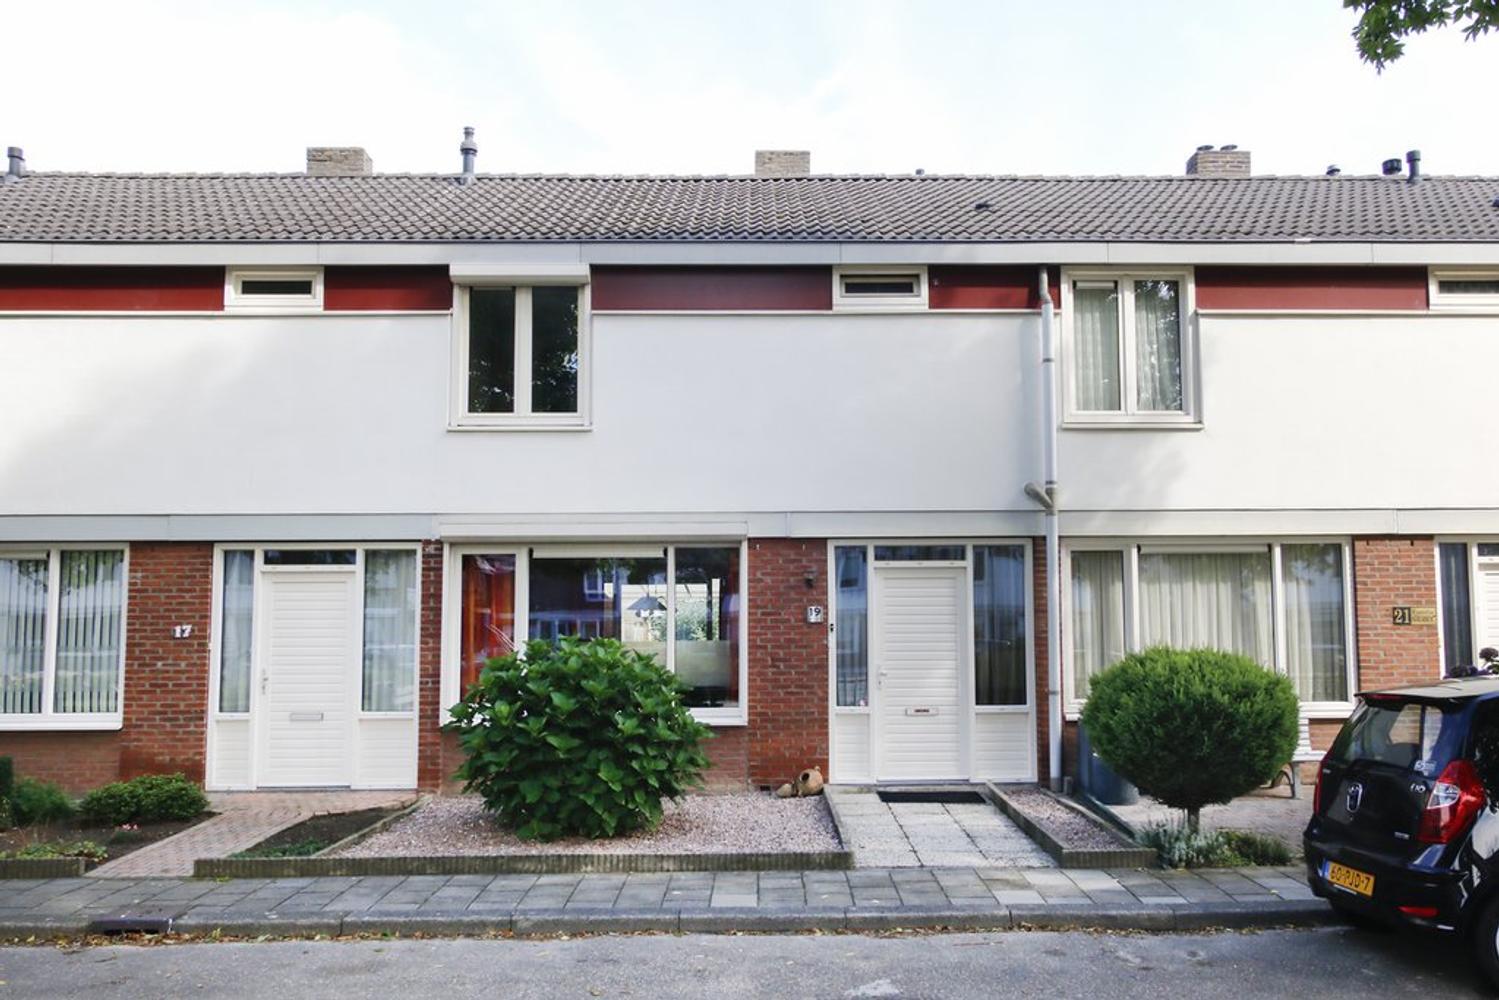 Magdalenastraat 19 in weert 6004 jh: woonhuis. laenen makelaardij